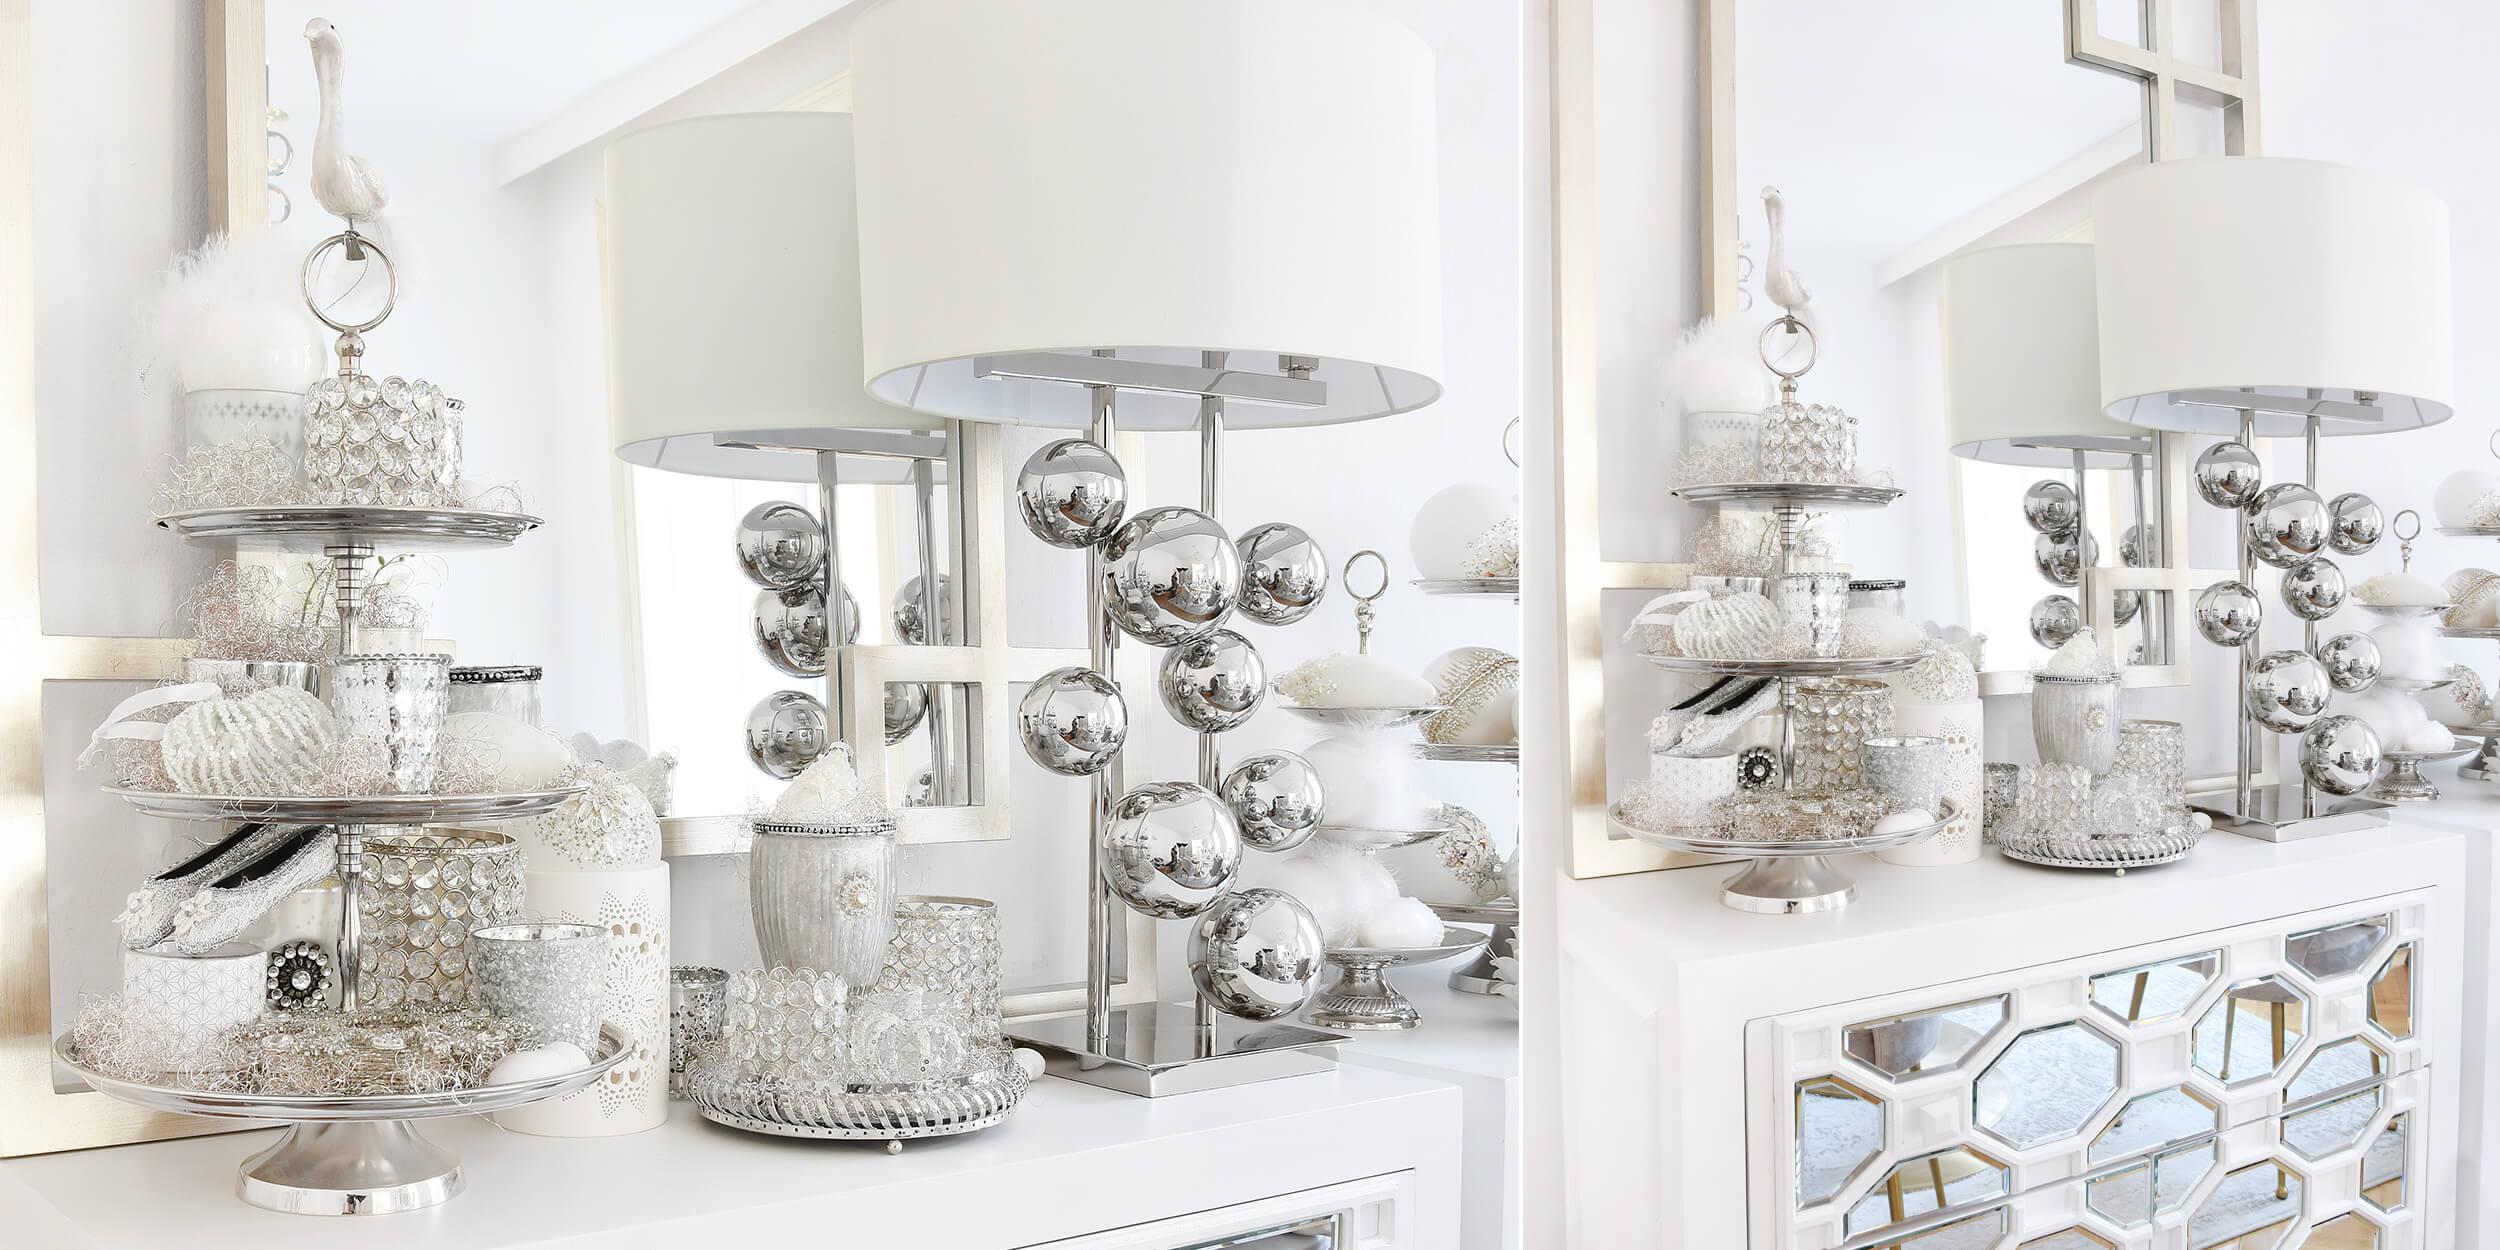 Weihnachtliche Teelichtgläser - Weihnachtsmarkt #1